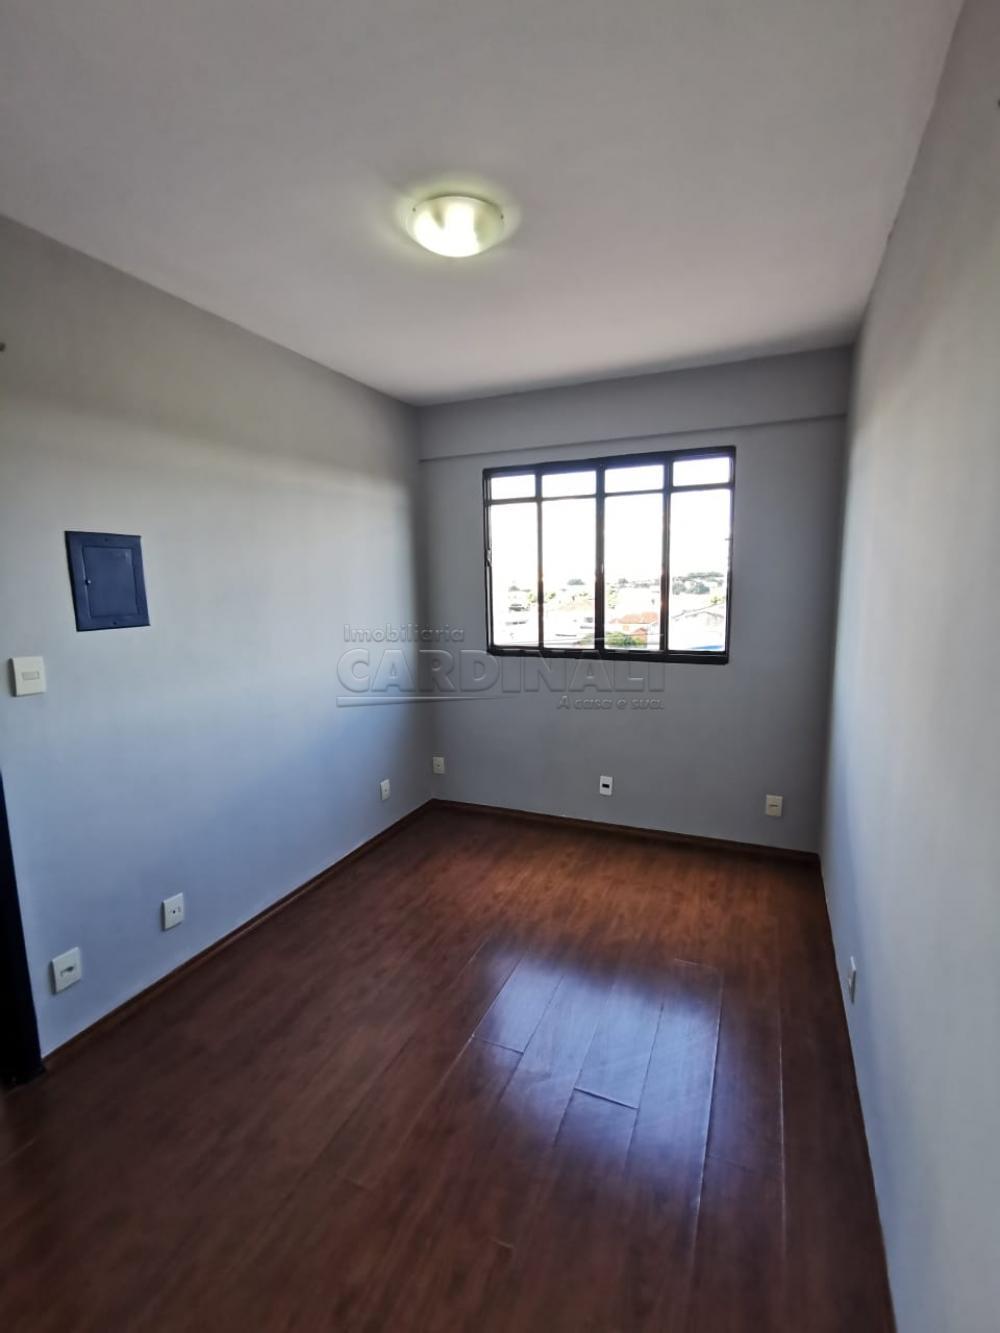 Alugar Apartamento / Padrão em Araraquara R$ 700,00 - Foto 13